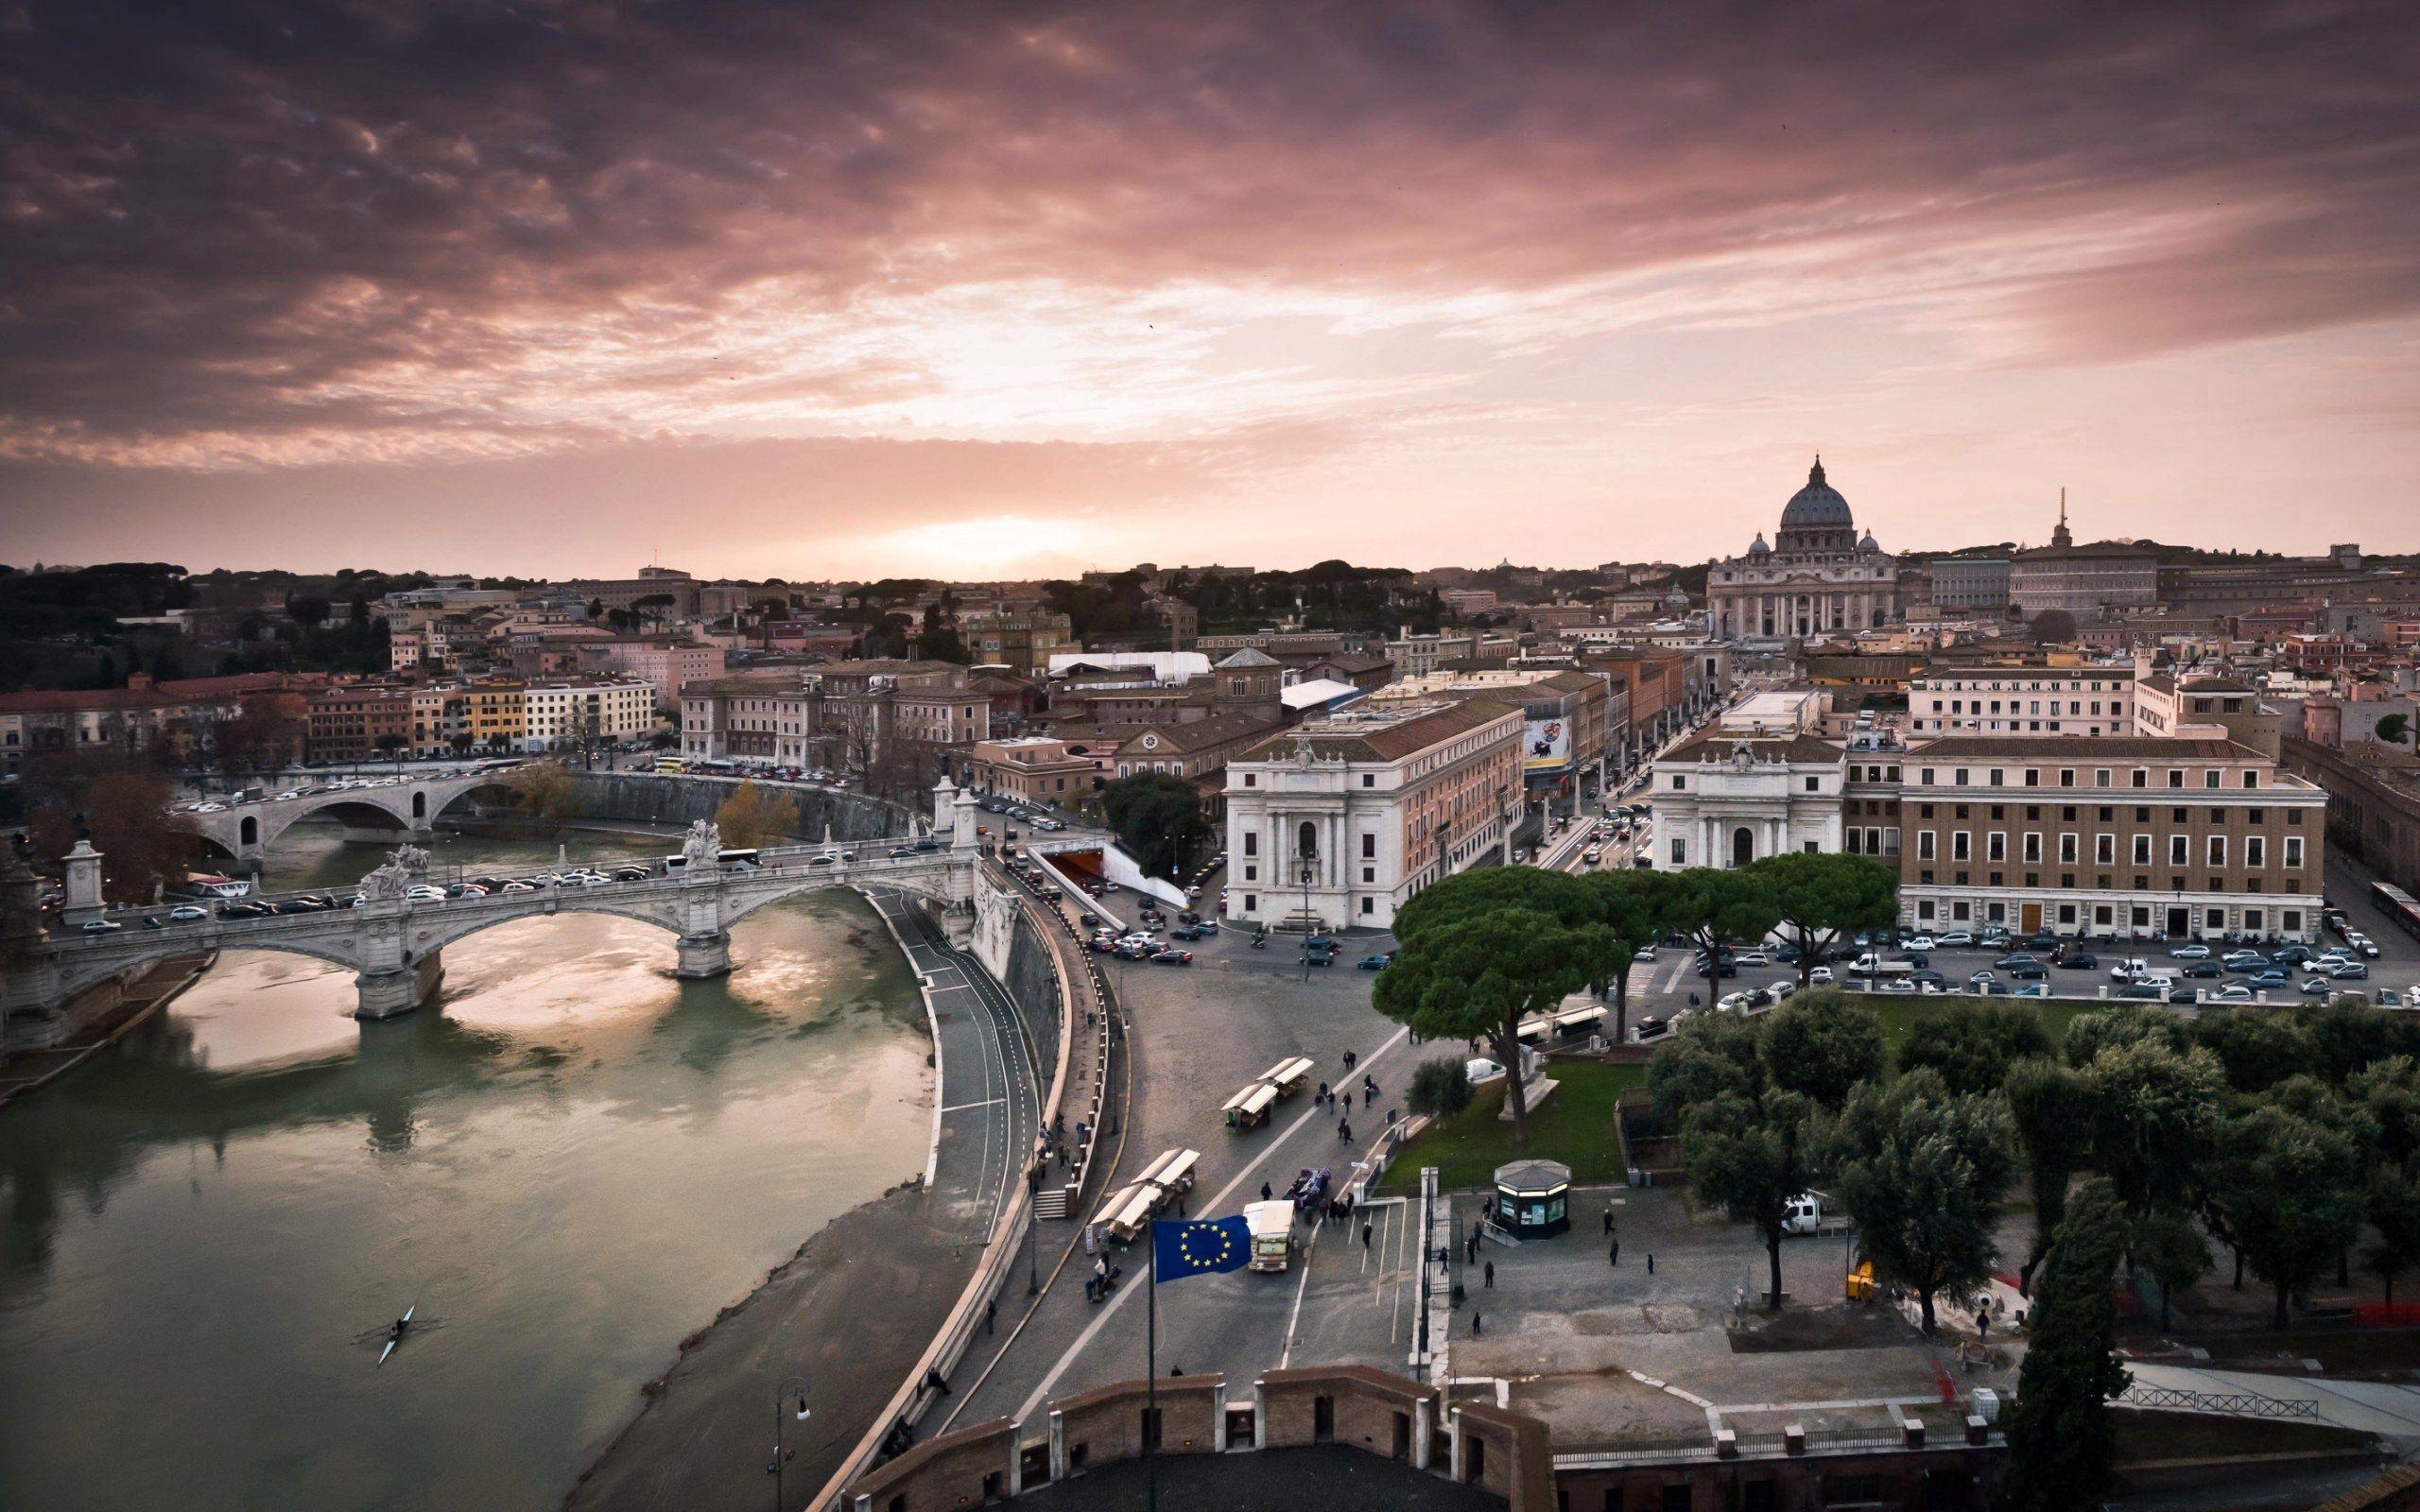 77237壁紙のダウンロード市, 都市, イブニング, 夕方, パノラマ, ローマ, イタリア, 建物, アーキテクチャ-スクリーンセーバーと写真を無料で